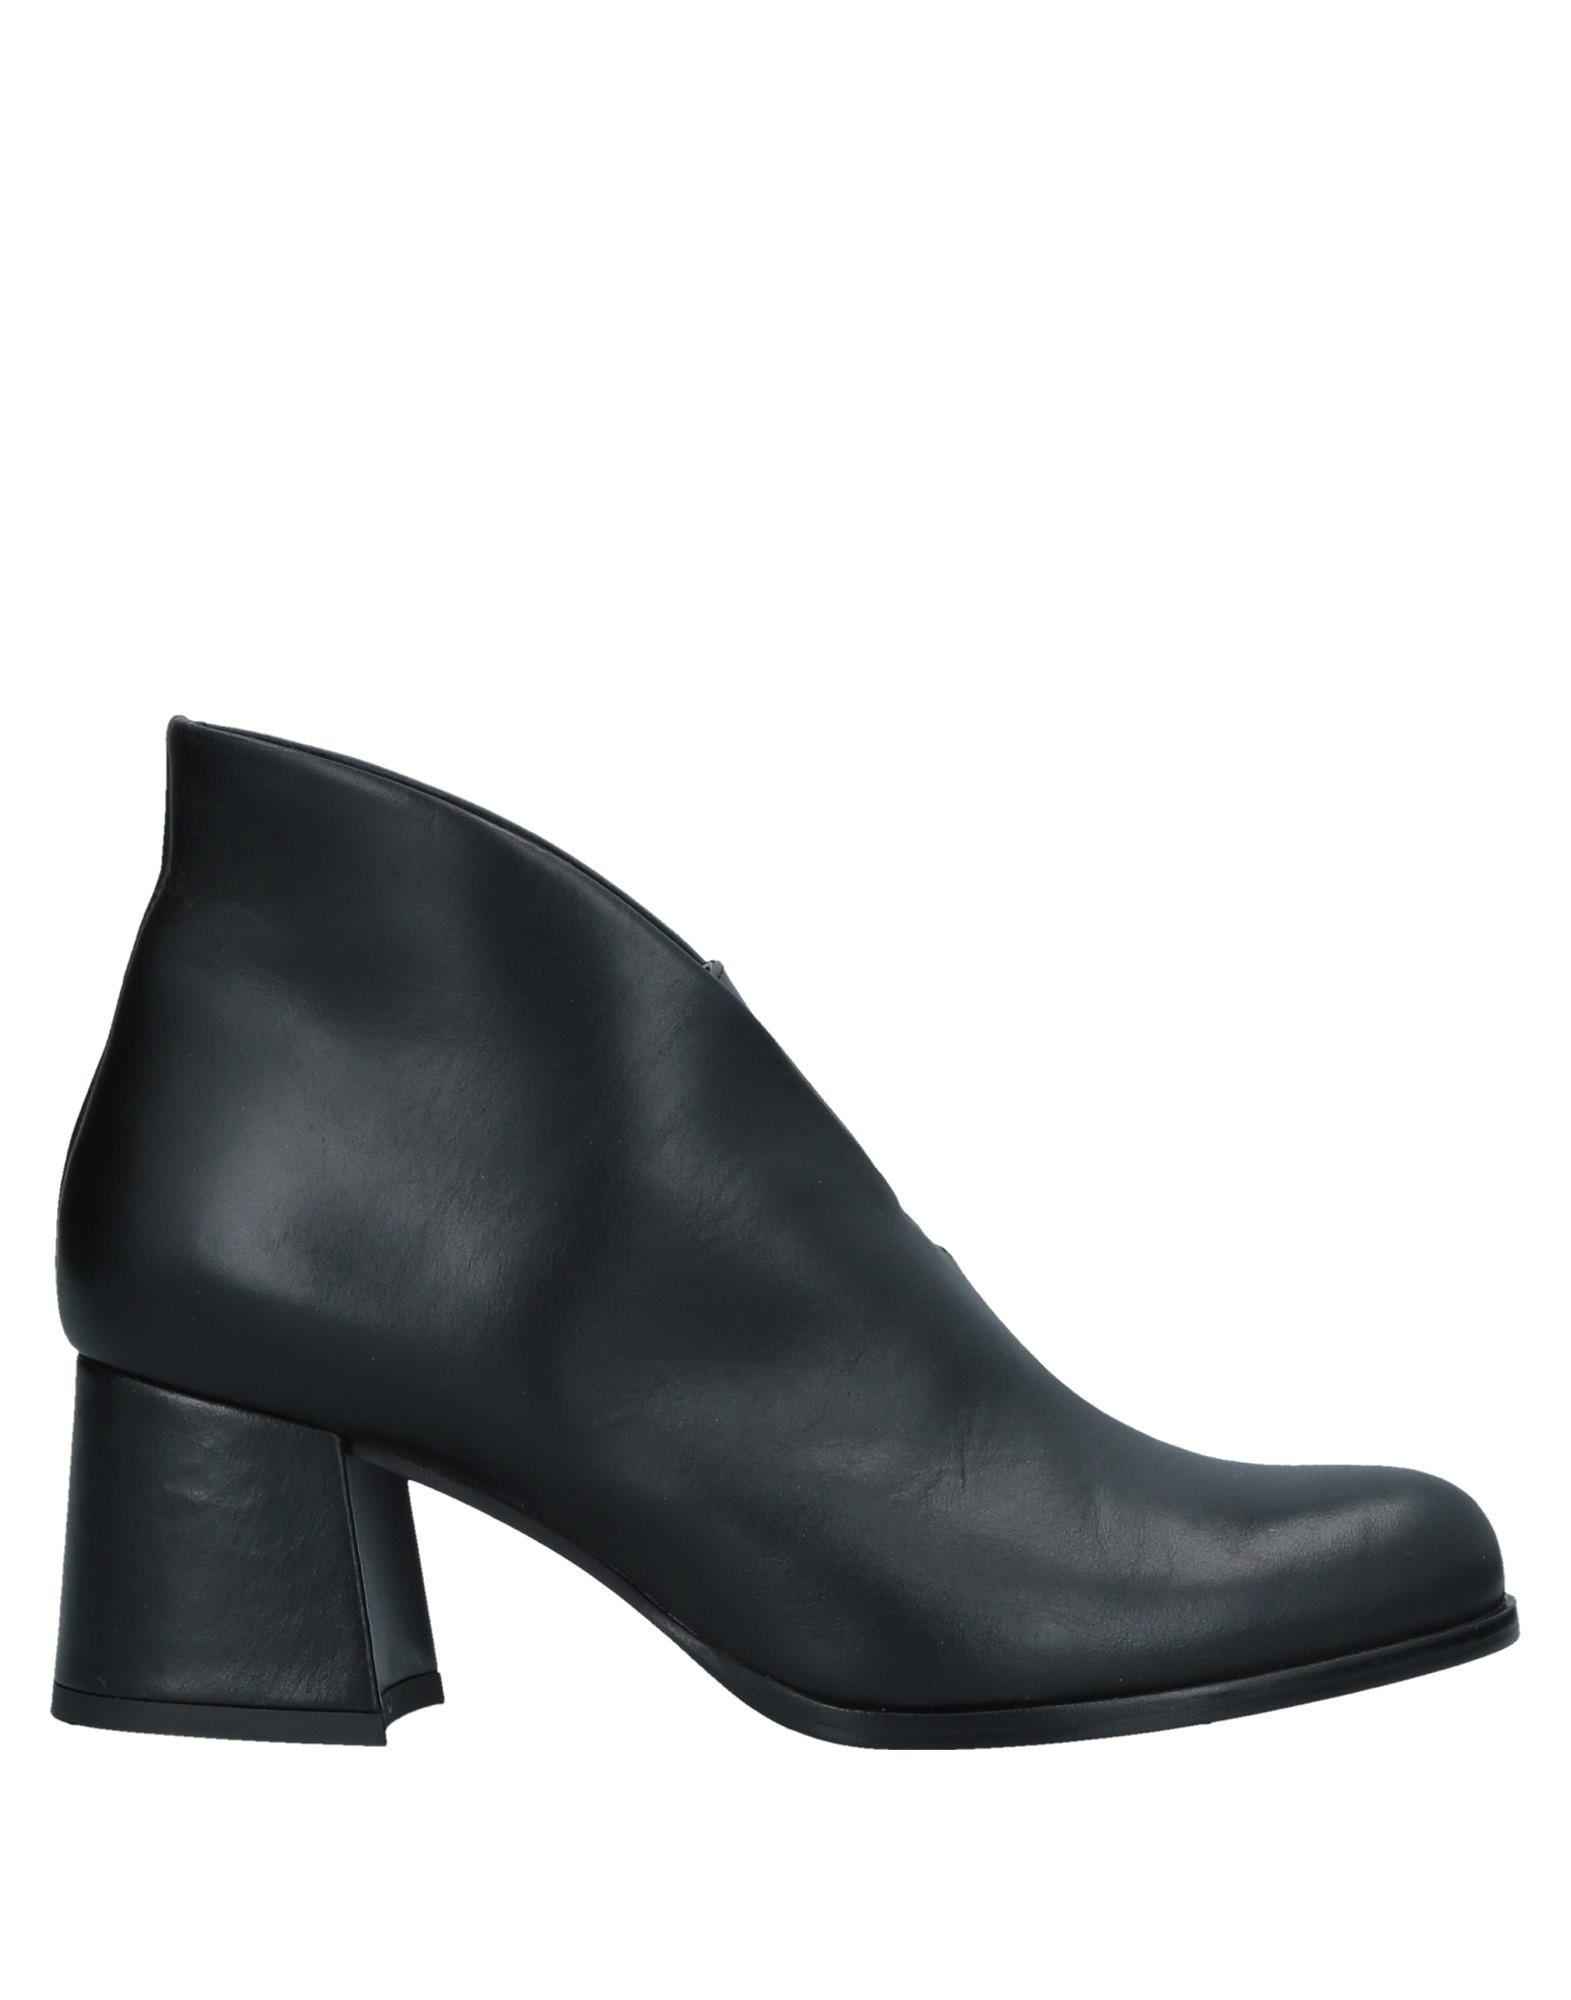 Stivaletti Josephine Donna - 11537262QH elegante